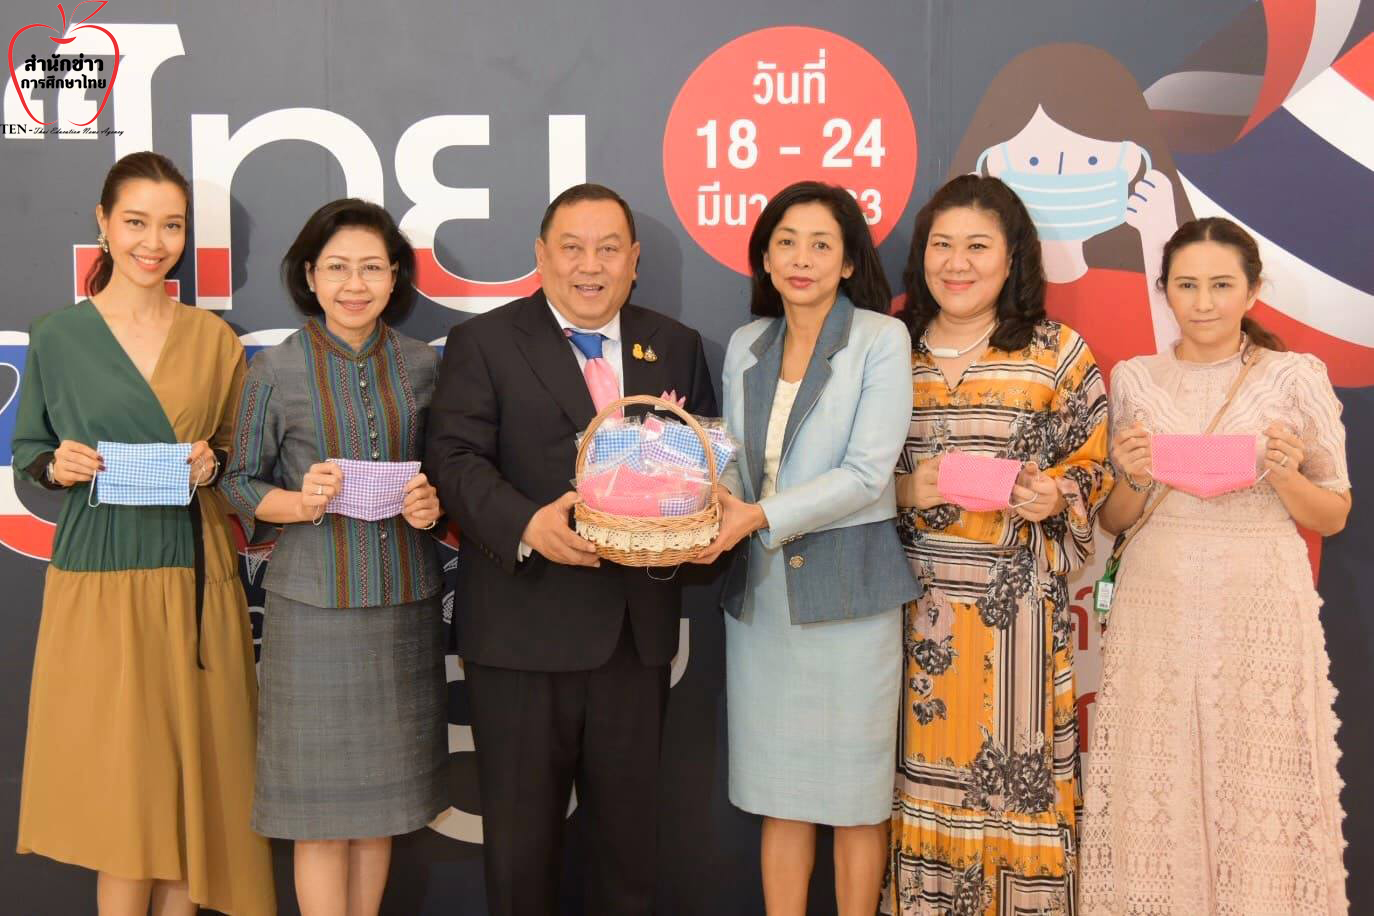 รมว.พม. เชิญชวนประชาชน ร่วมทำหน้ากากผ้าไว้ใช้เอง ฟรี ที่สยามพารากอน